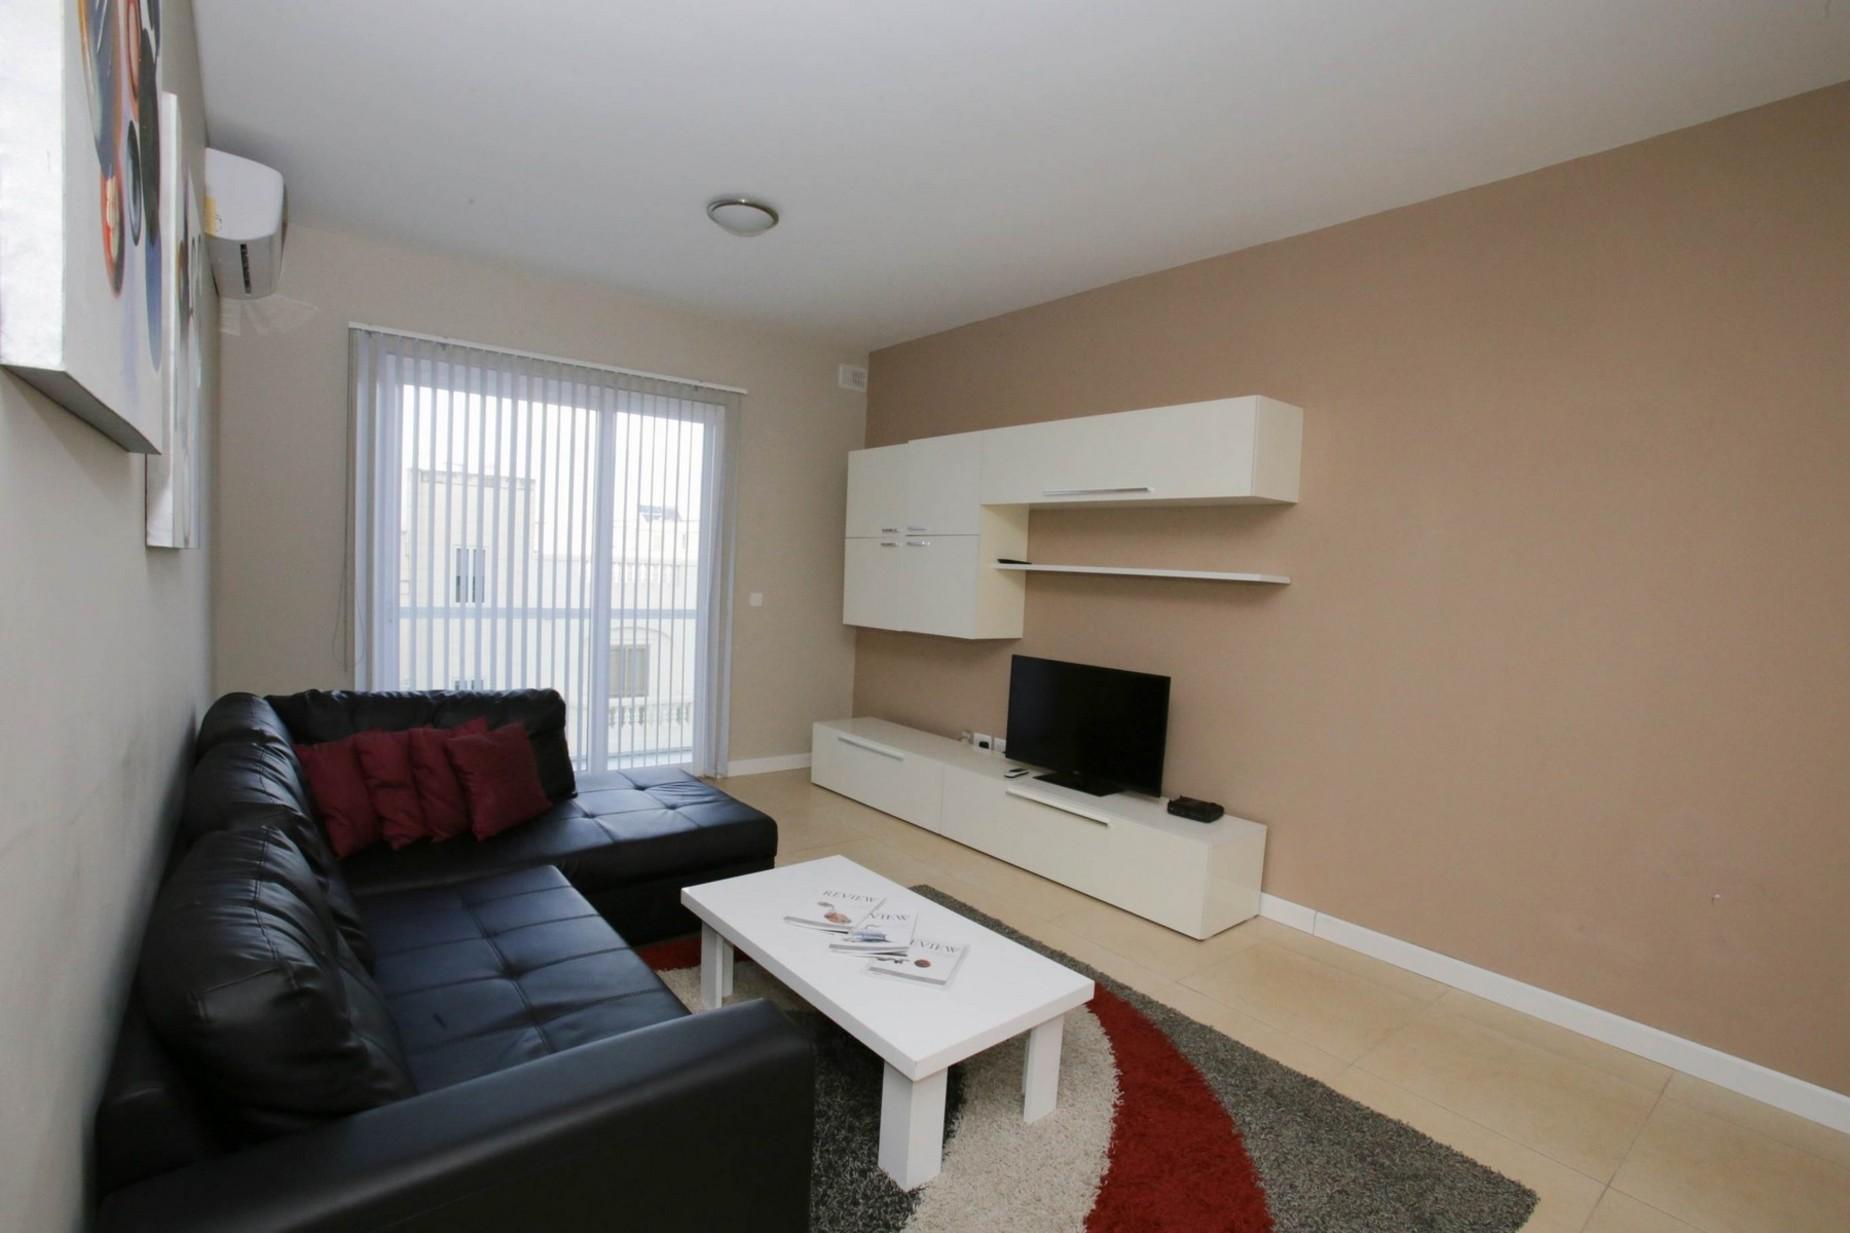 3 bed Apartment For Rent in Gzira, Gzira - thumb 8